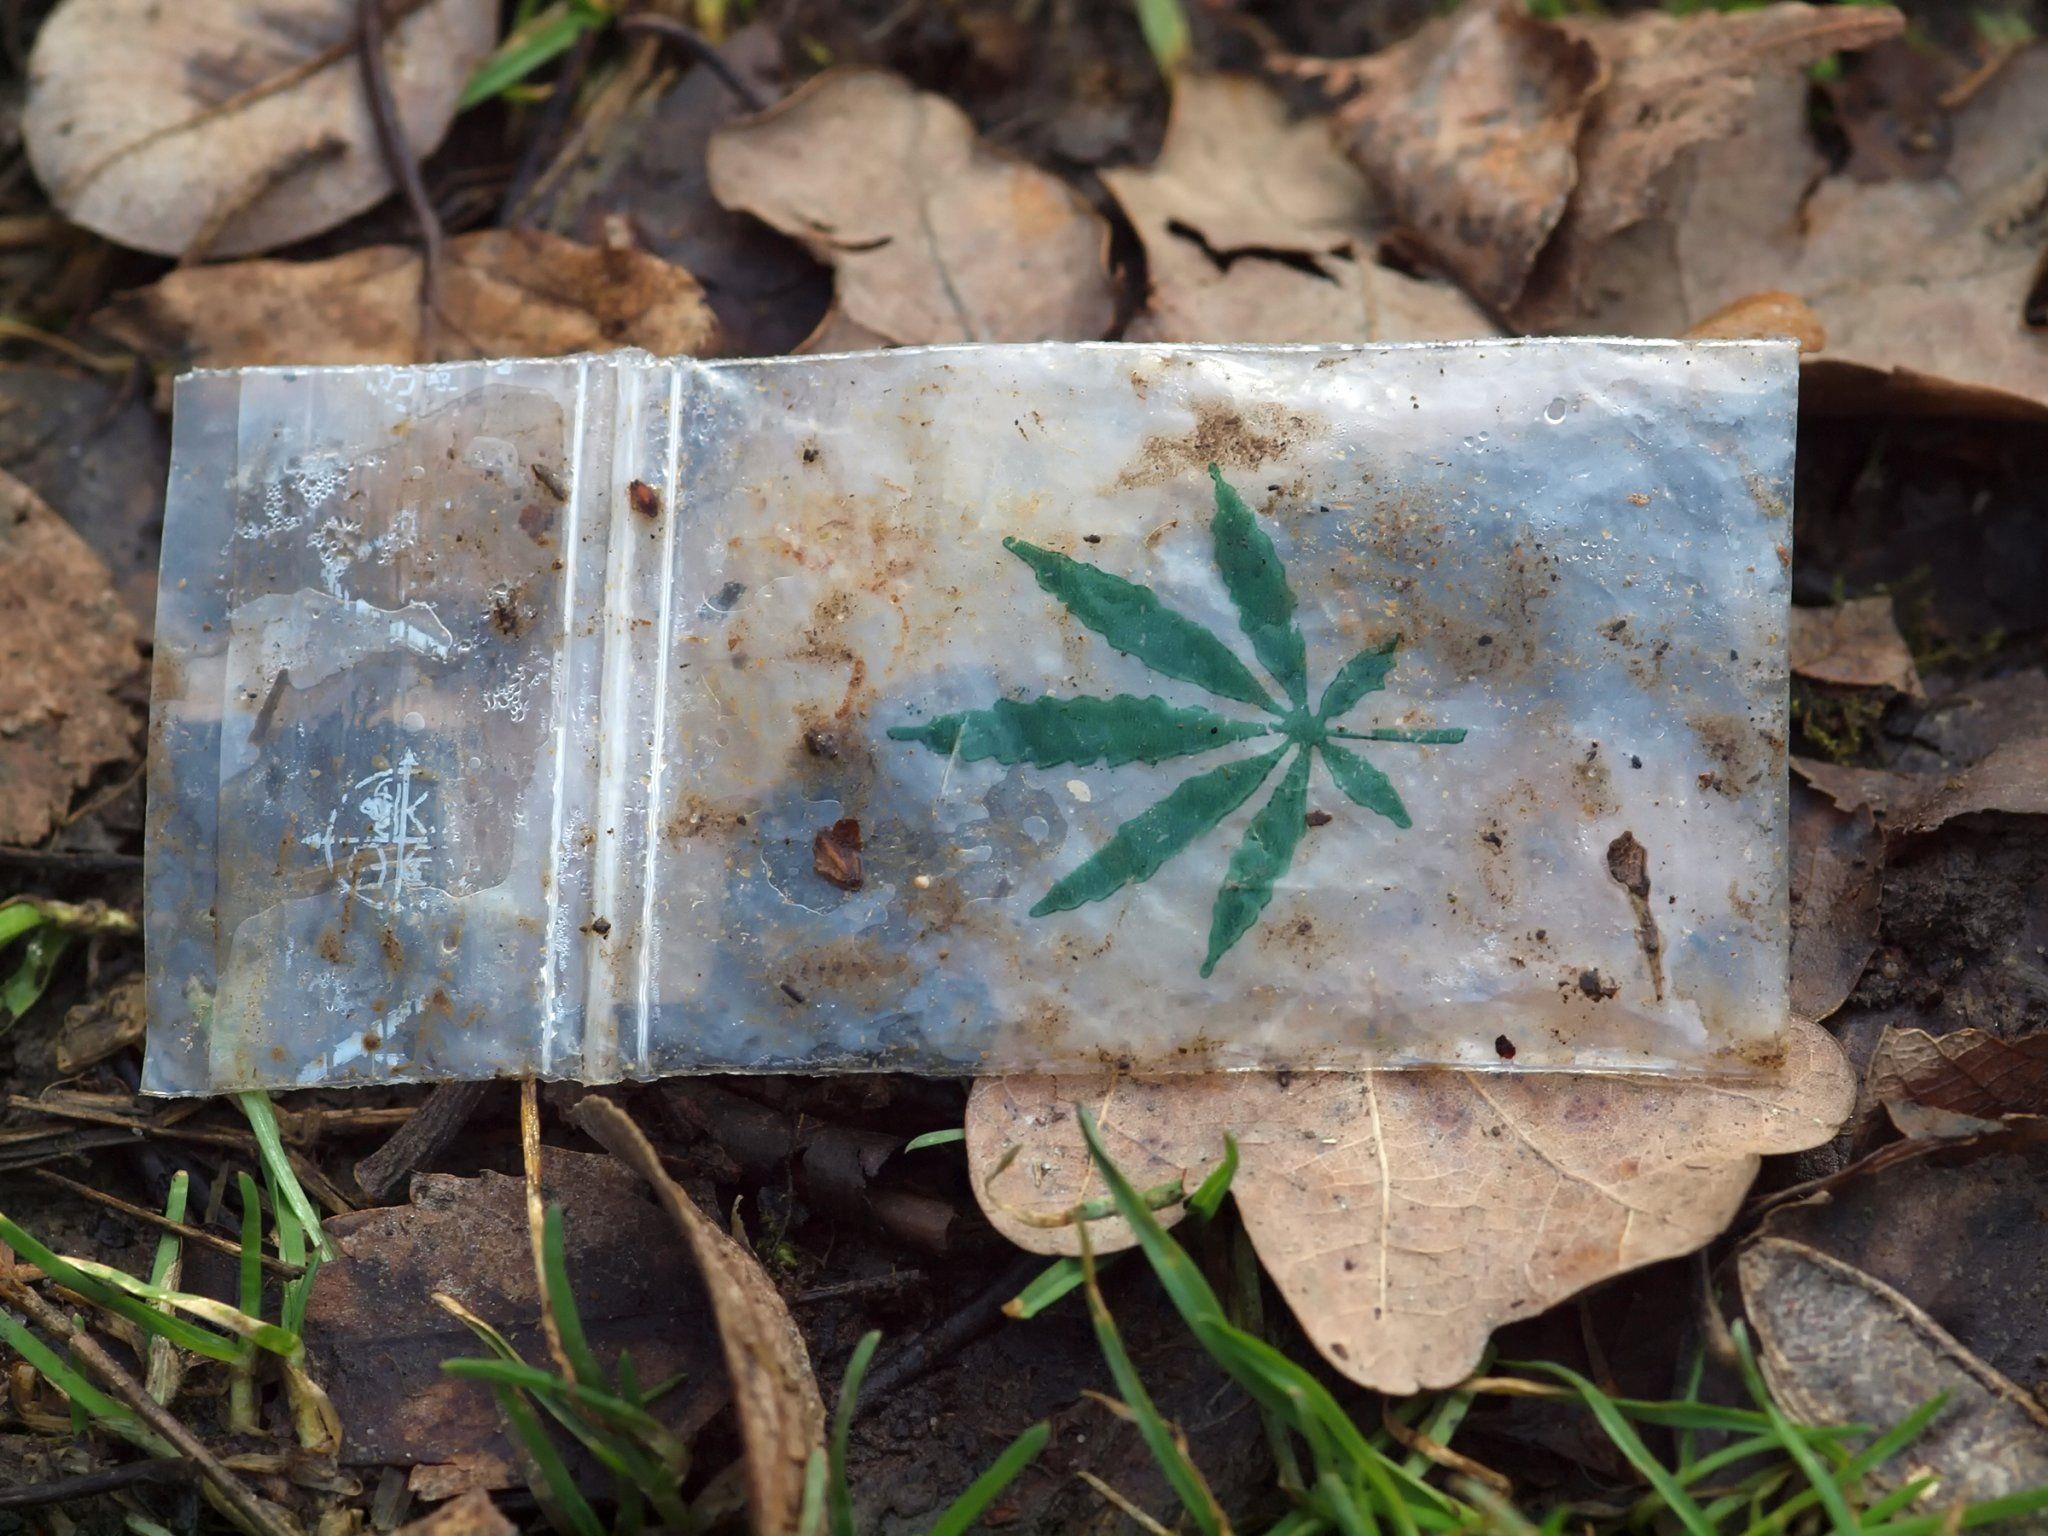 Wegen Dealens mit Cannabis fassten vier Männer Haftstrafen aus